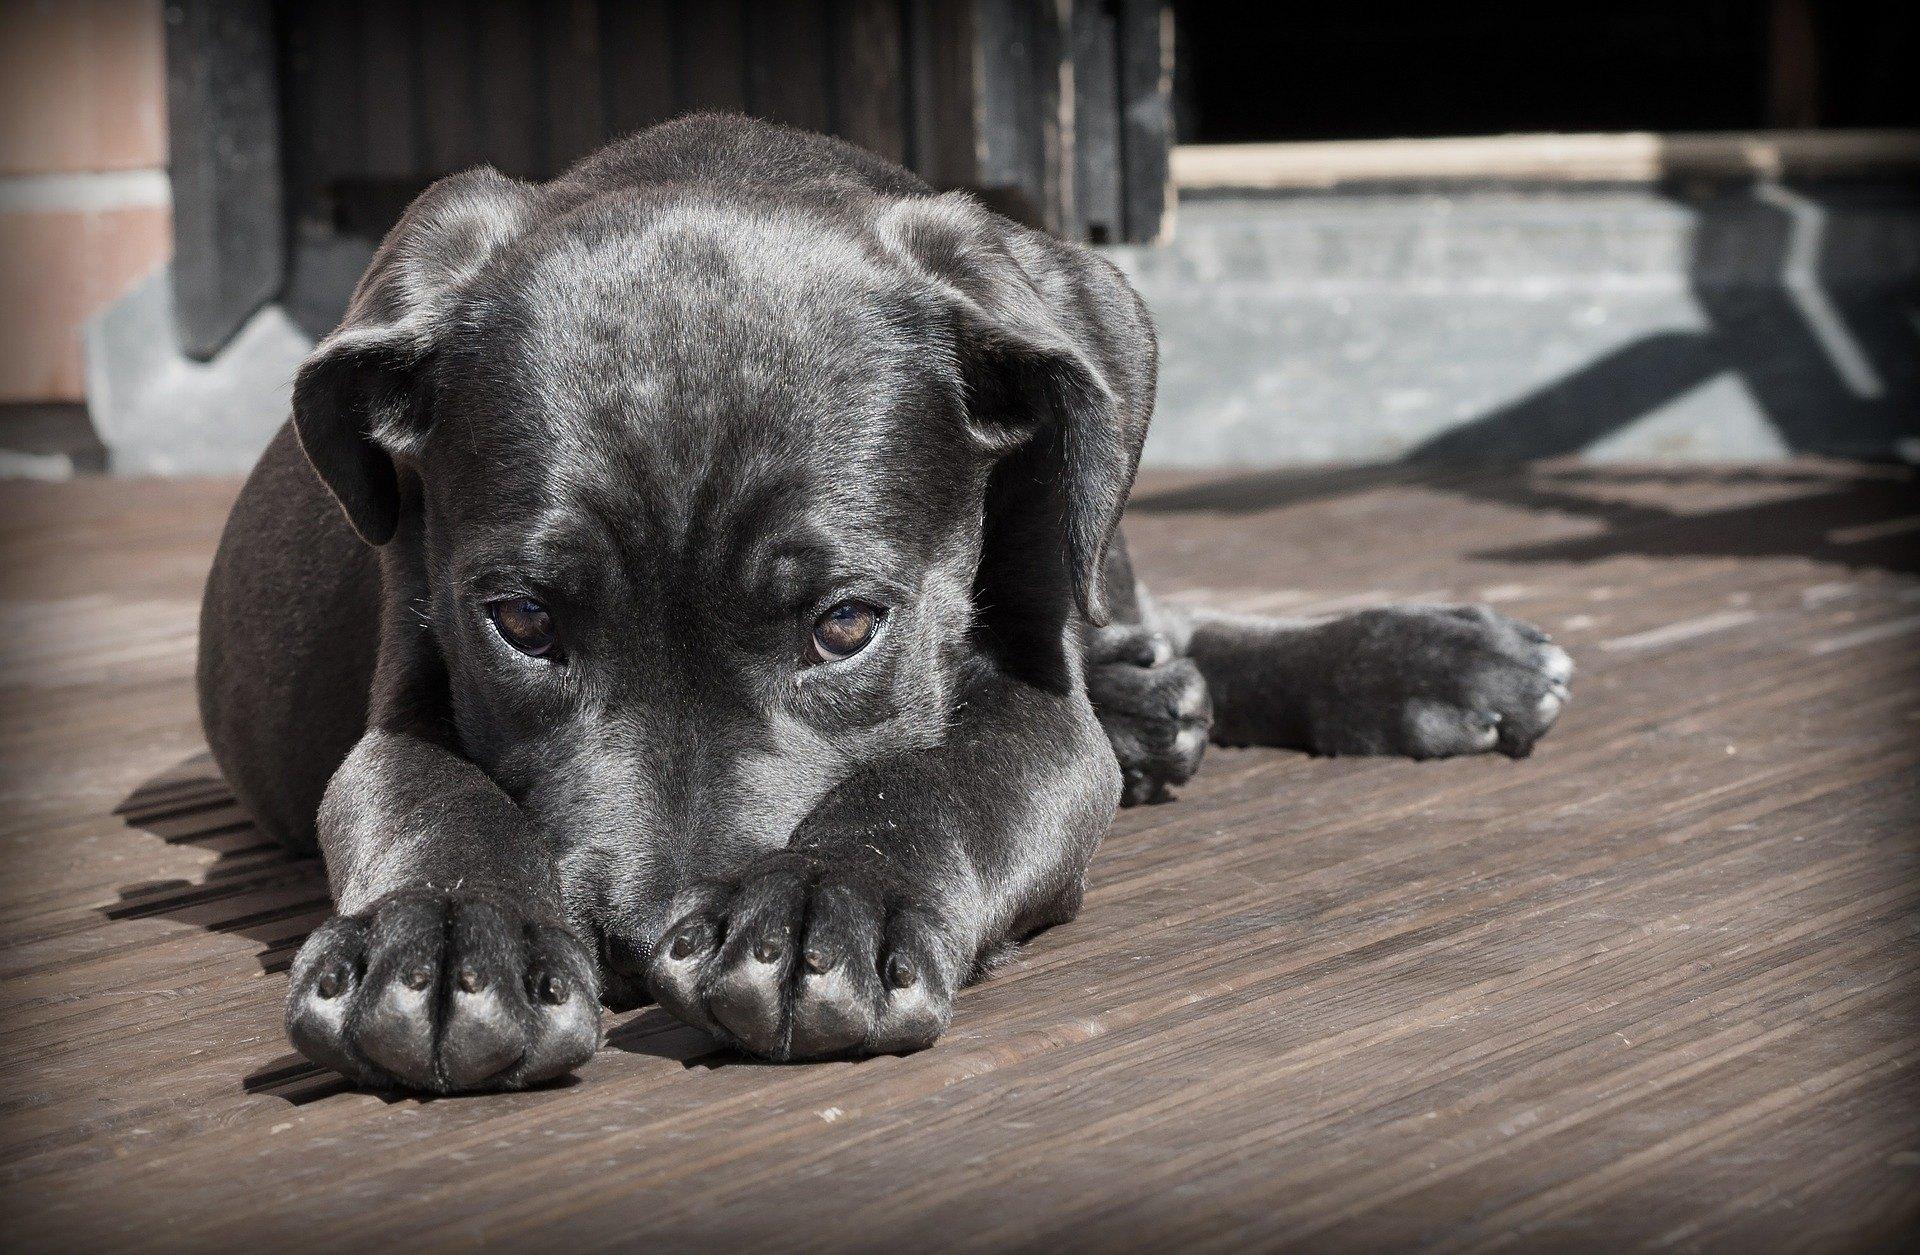 Zánět močového měchýře u psa je relativně neškodné onemocnění, které může být snadno přehlédnutelné, ale při zanedbání může vést k vážným komplikacím.